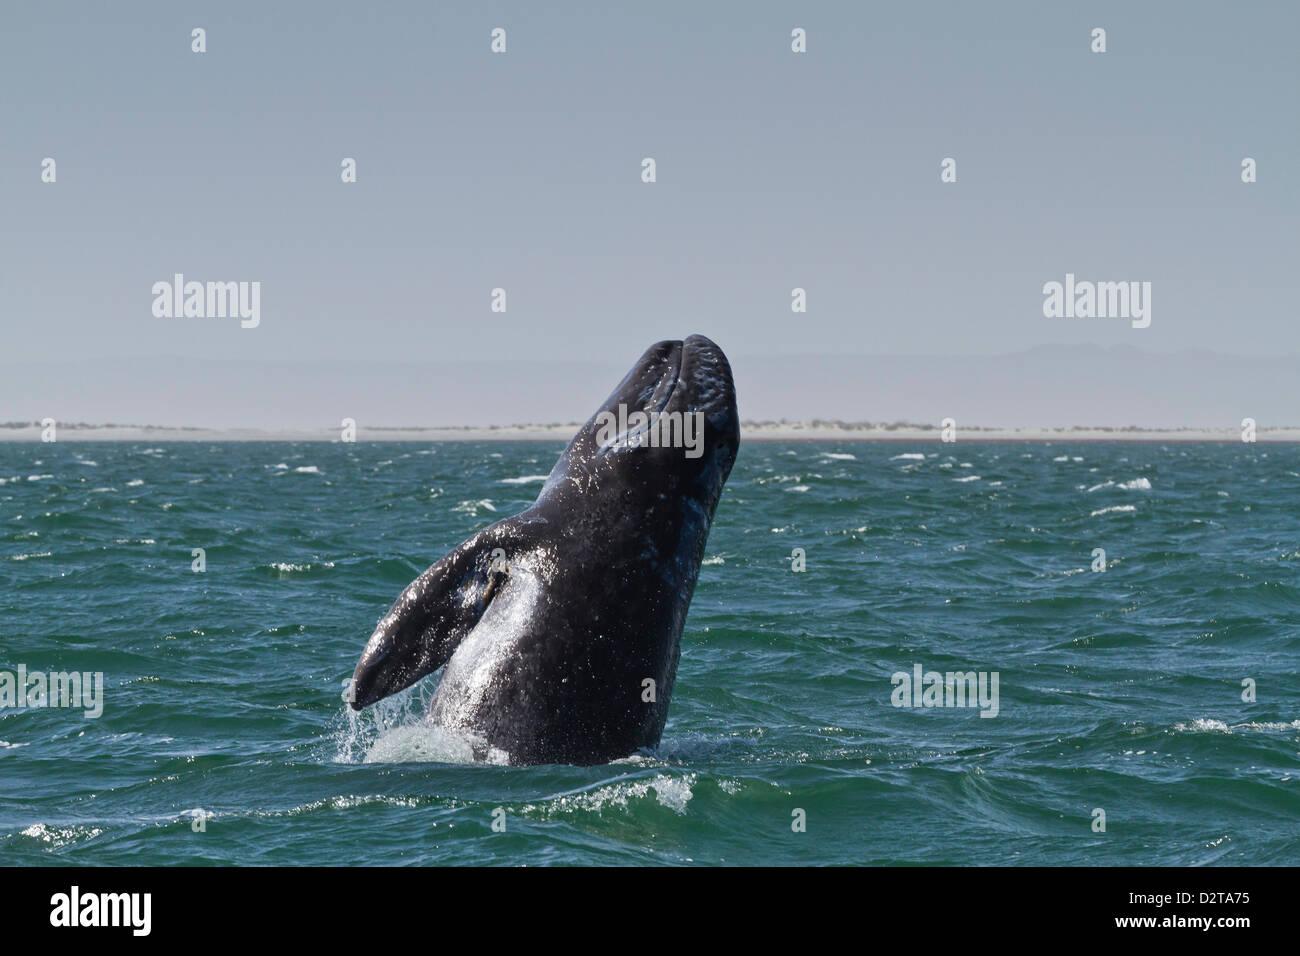 California gray whale (Eschrichtius robustus) calf breaching, San Ignacio Lagoon, Baja California Sur, Mexico, North - Stock Image